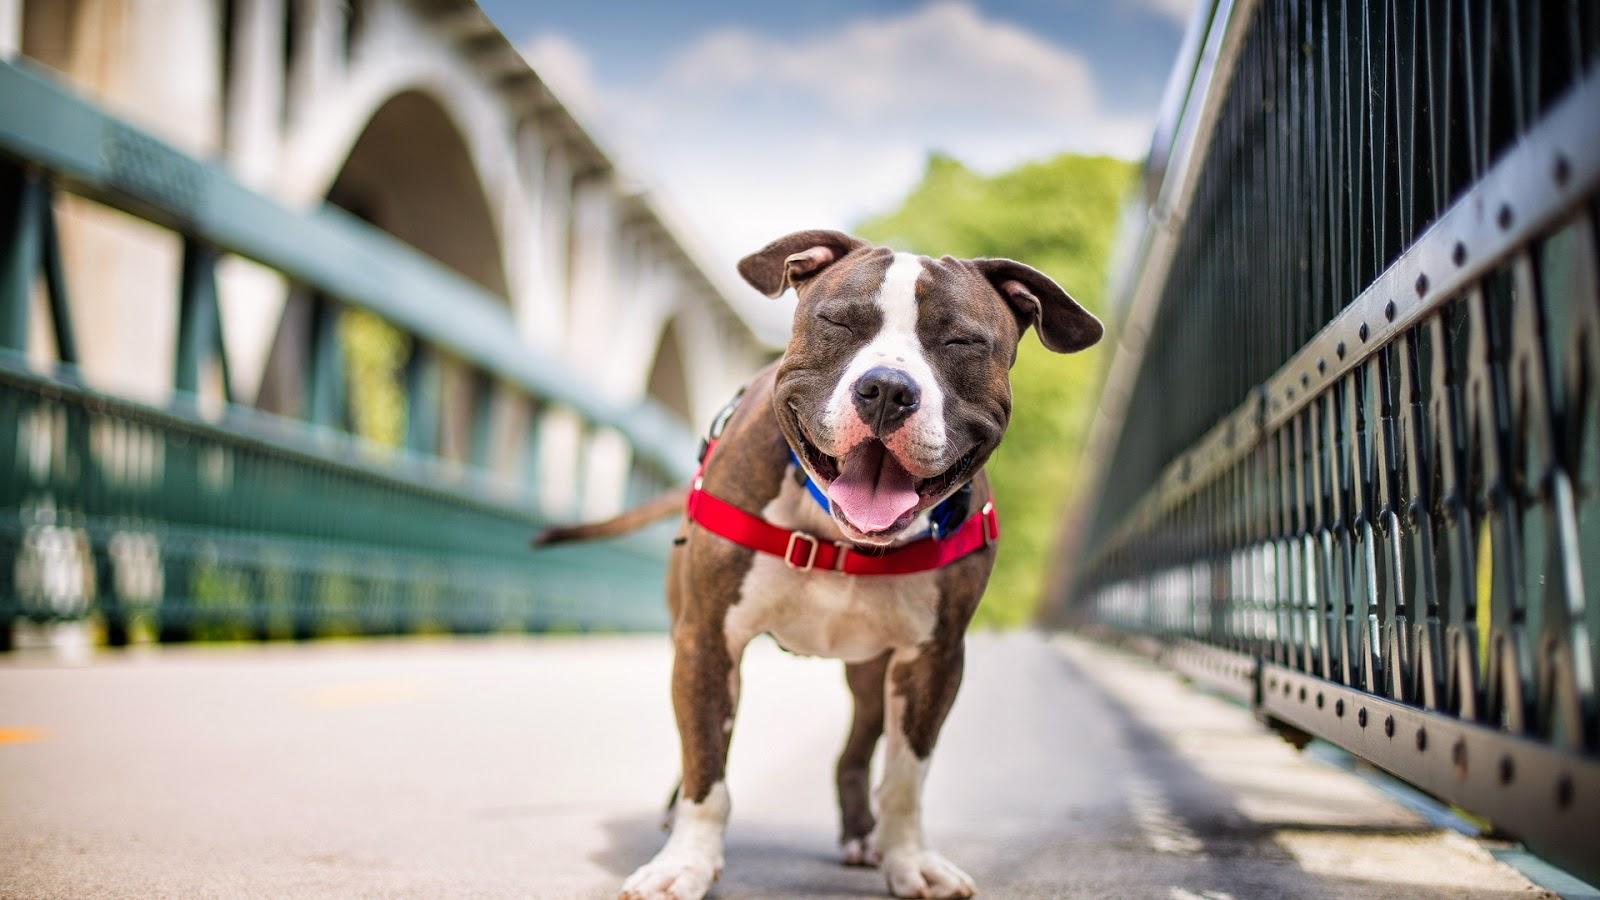 Cómo entender el lenguaje corporal de tu perro: cuidados y nombres para tu mascota. Perro feliz